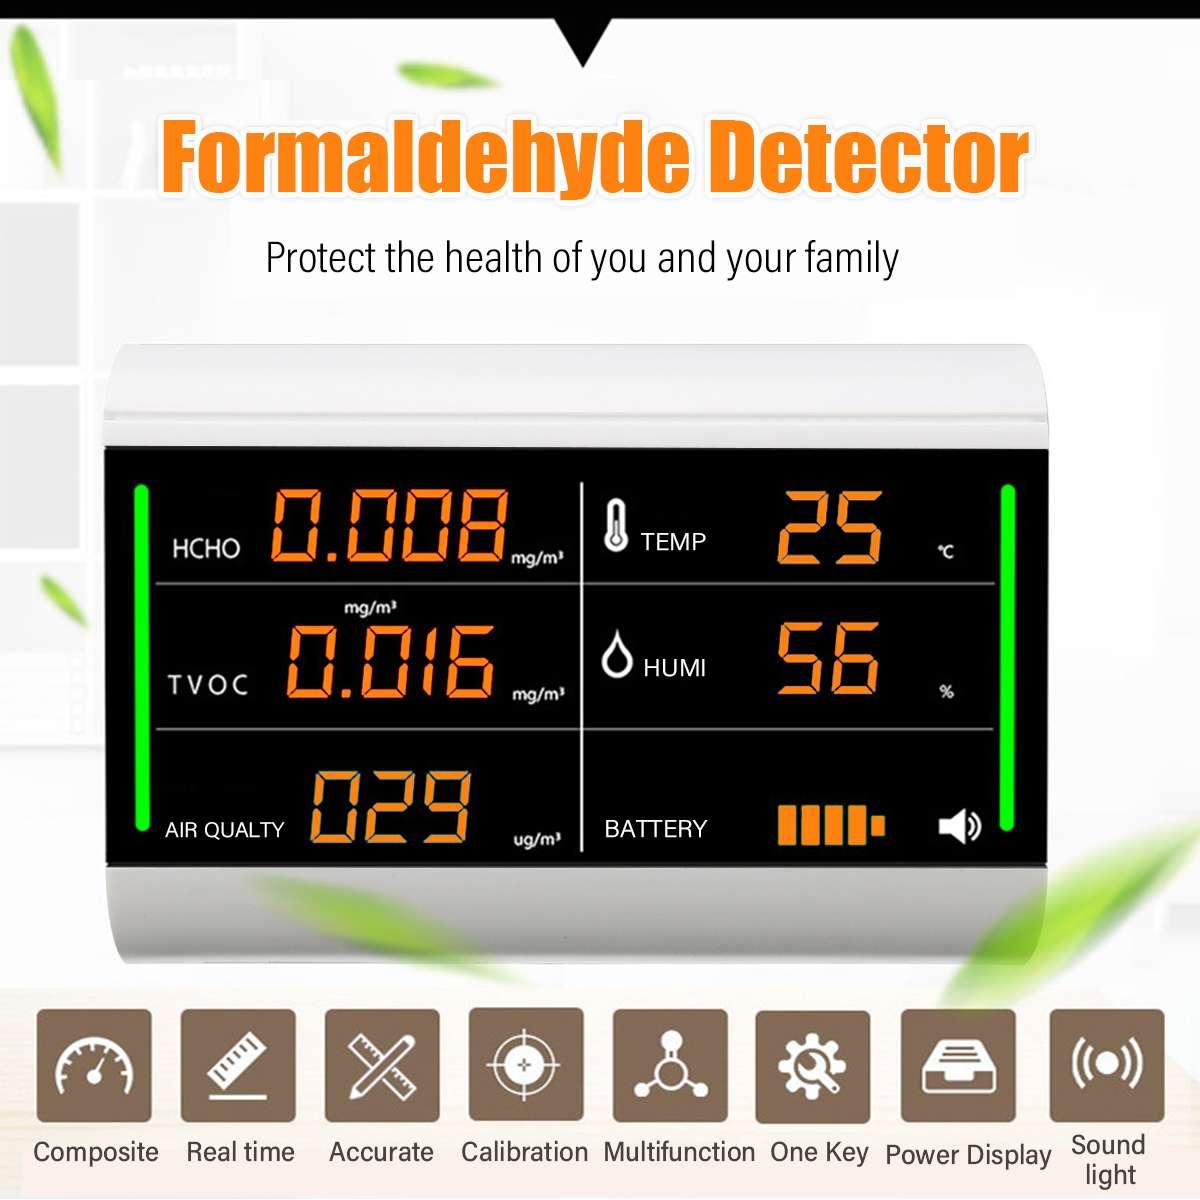 Analysatoren Gelernt Digitalen Bildschirm Formaldehyd Tester Usb Aufladbare Tvoc Hcho Benzol/staub/temperatur/feuchtigkeit Meter Hause Luft Qualität Detektor